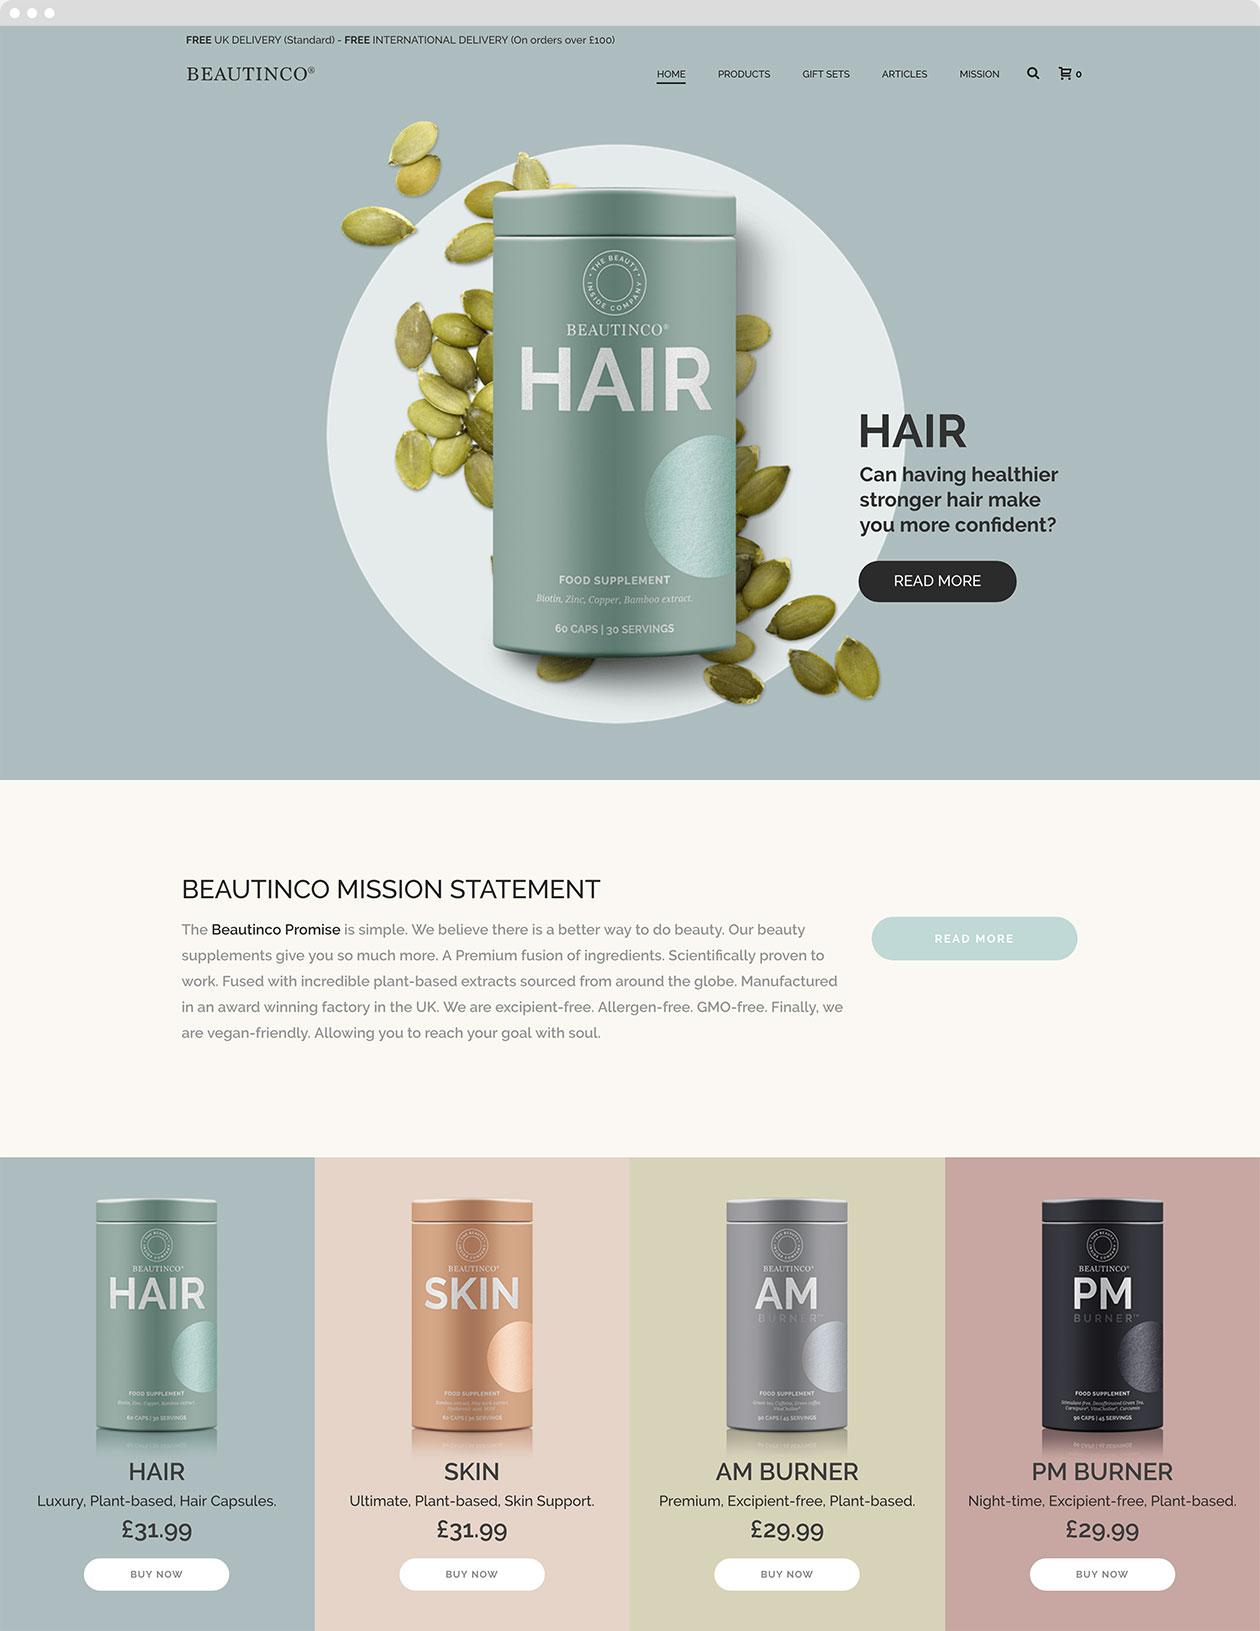 Website design screen for Beautinco website